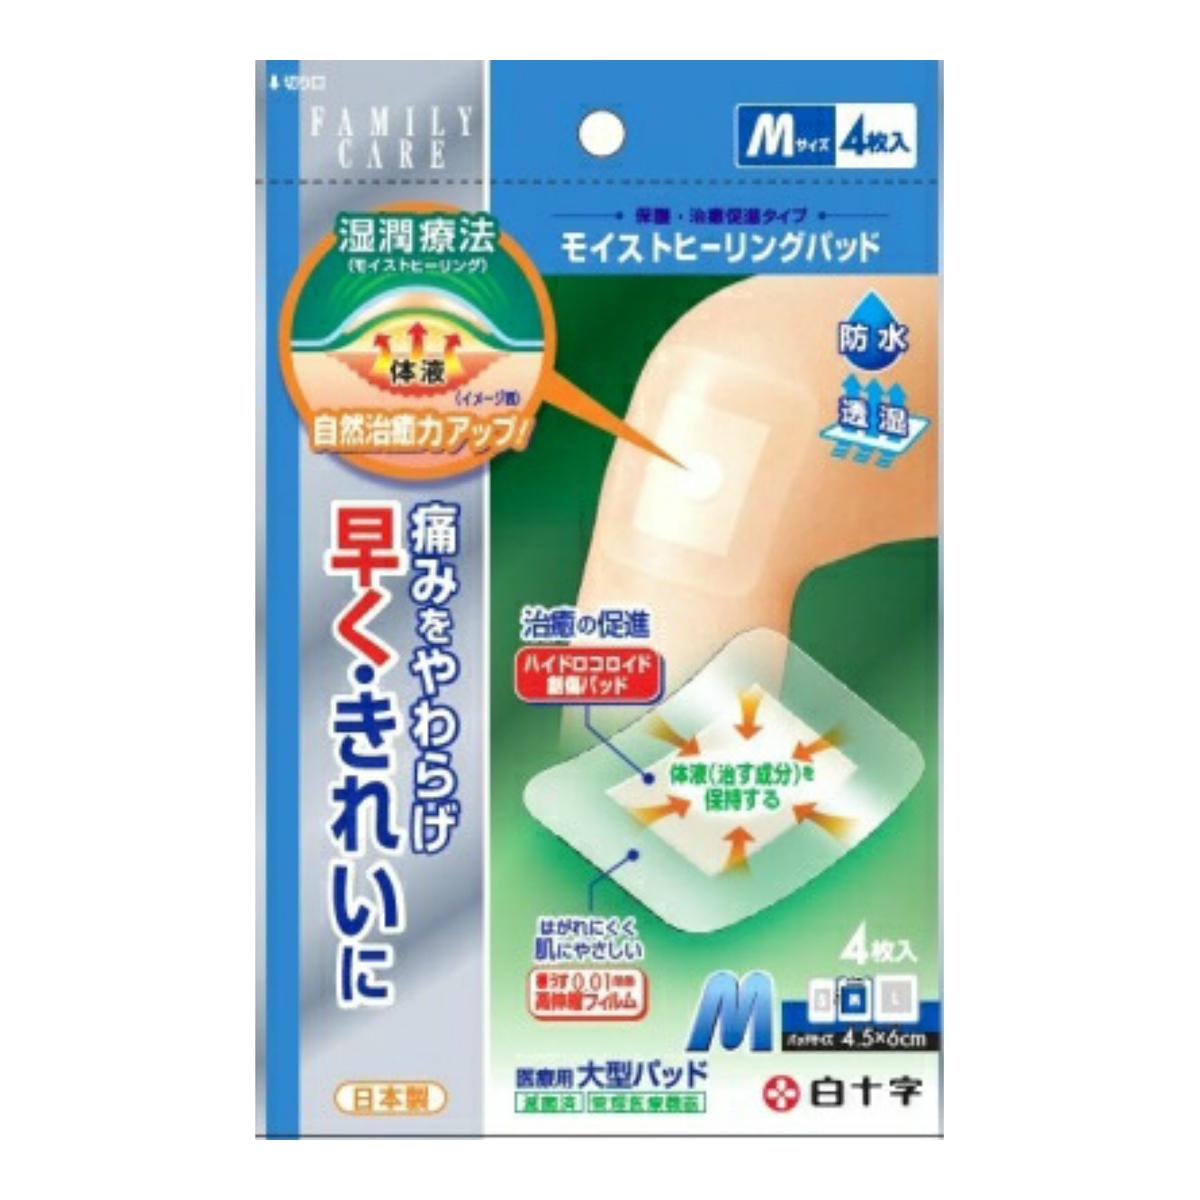 【送料無料】FC モイストヒーリングパッド M 4枚入×100個セット ( 4987603464704 )